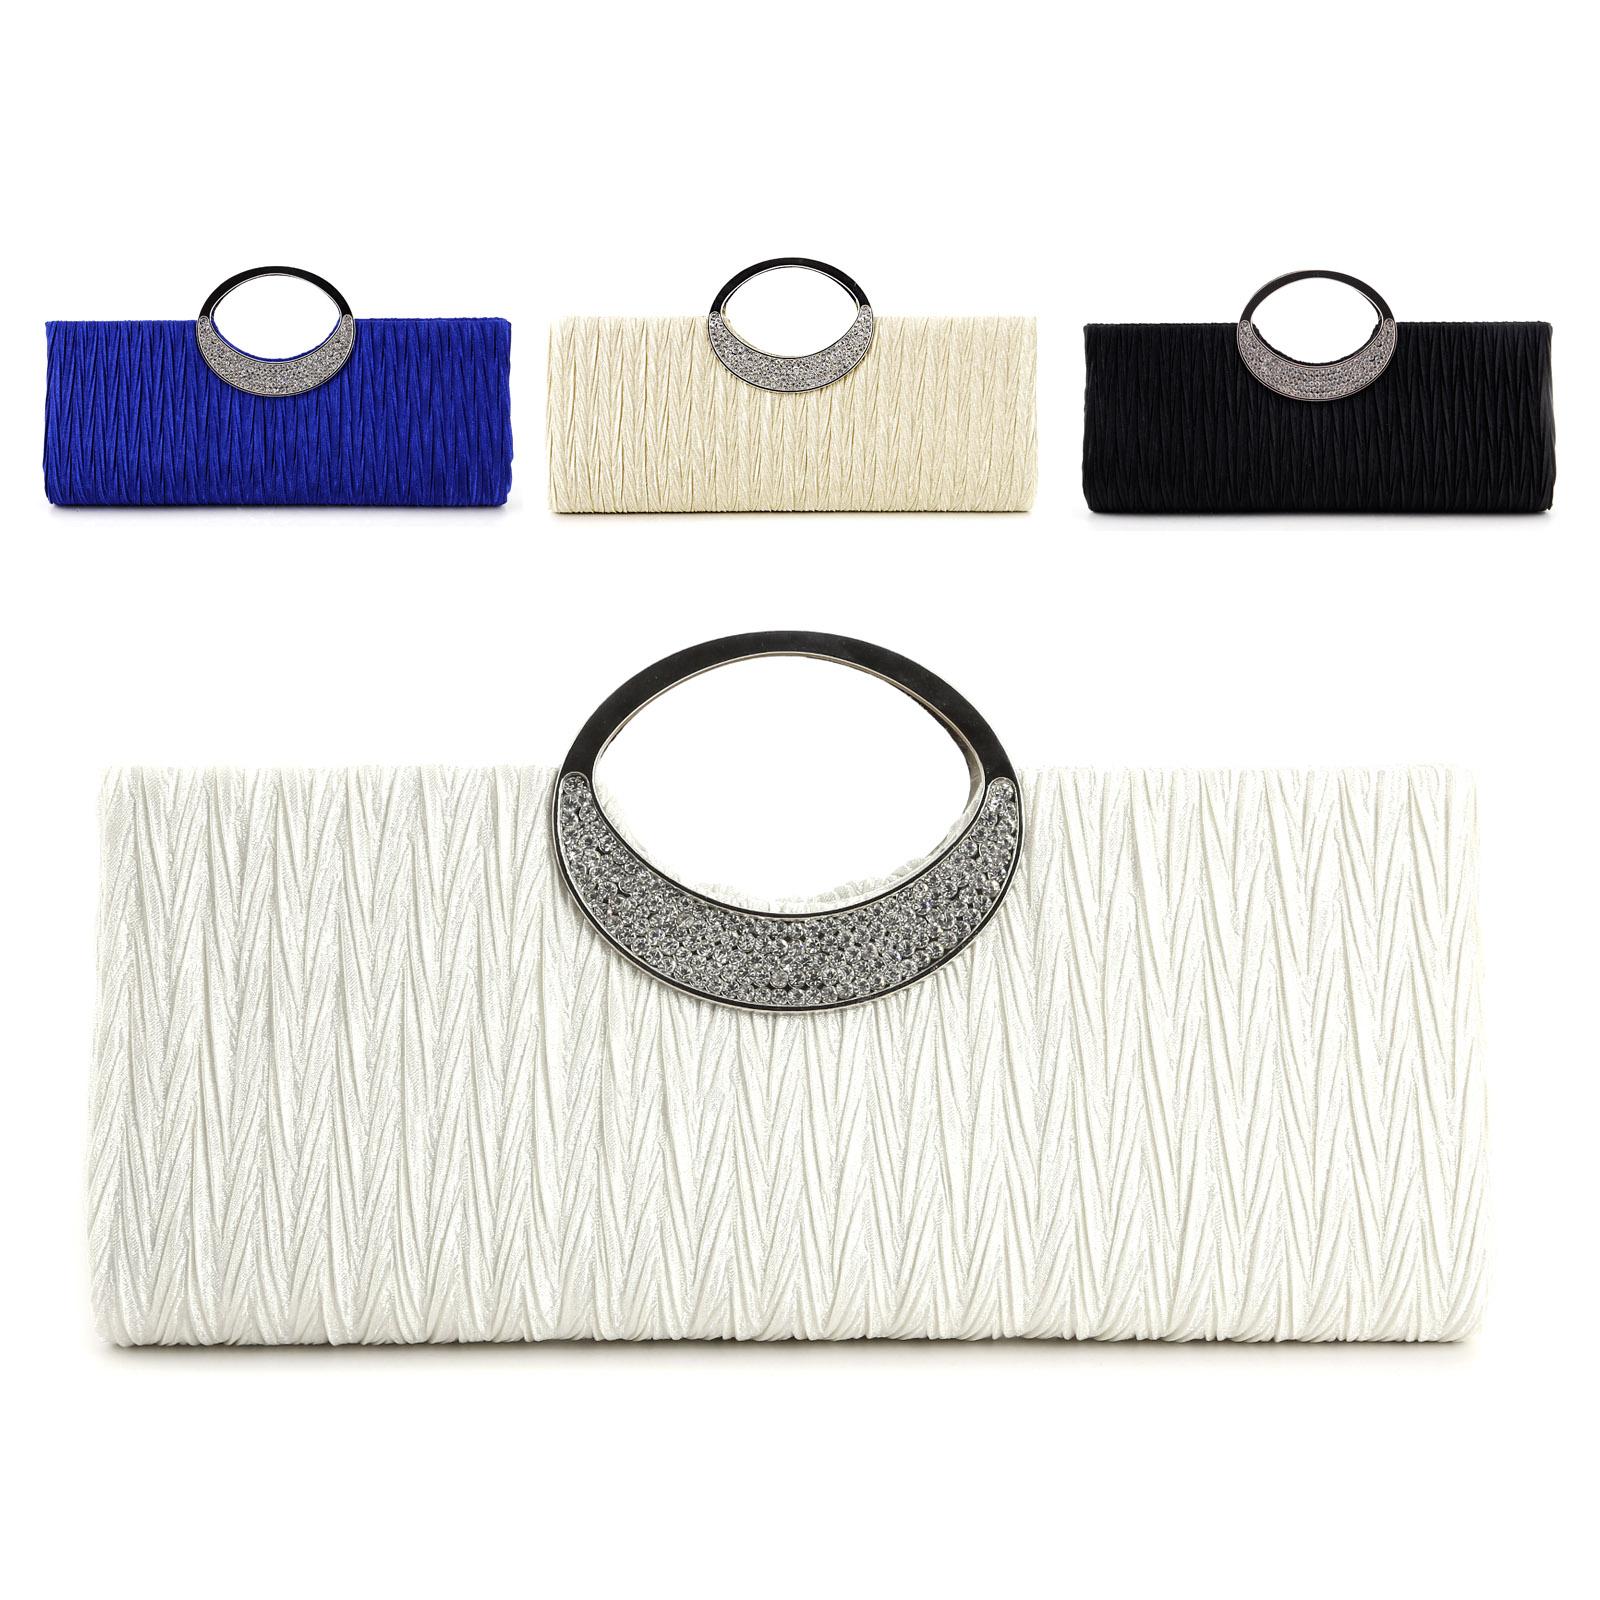 Mode-Damen-Abendtasche-Handtasche-Brauttasche-Krause-Satin-Tasche